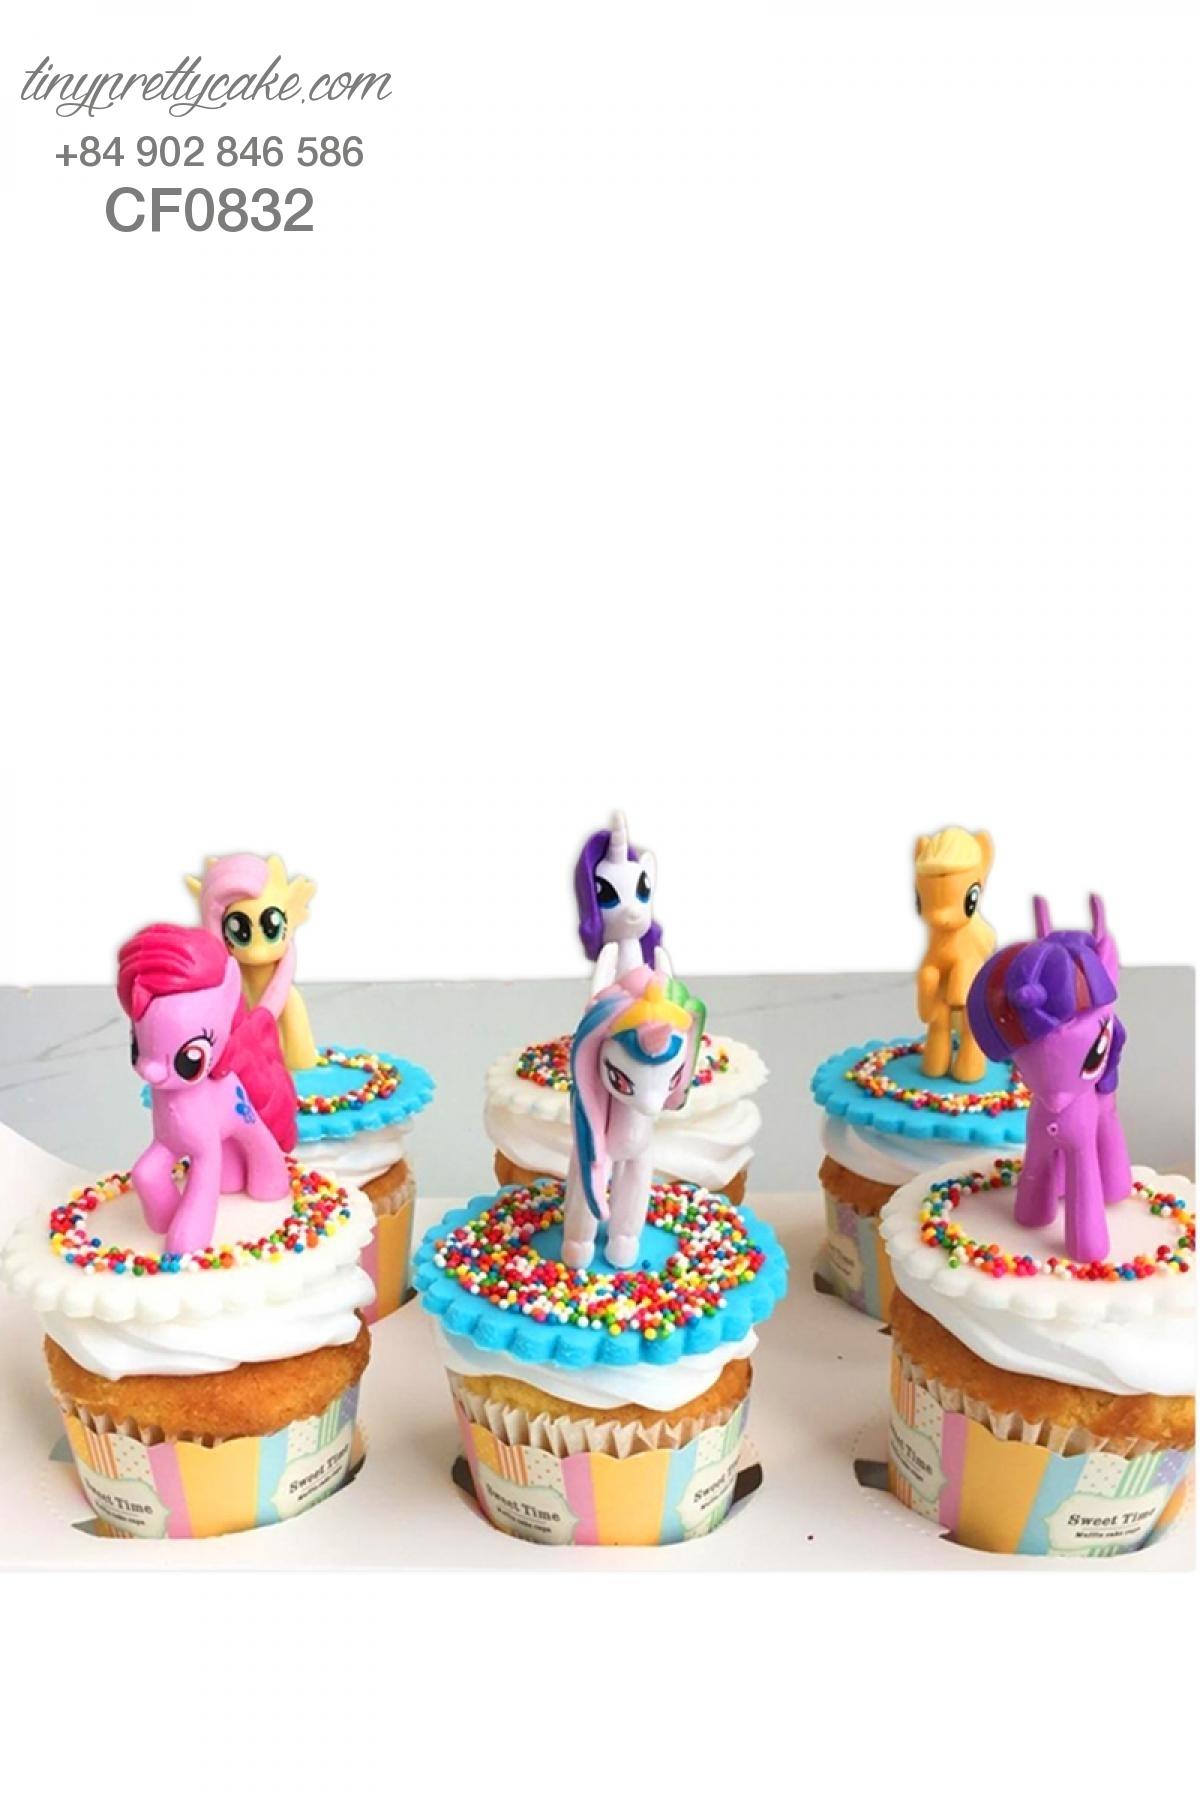 Cupcake chú ngựa Pony (Unicorn) dễ thương mừng sinh nhật cho bé gái (CF0832)